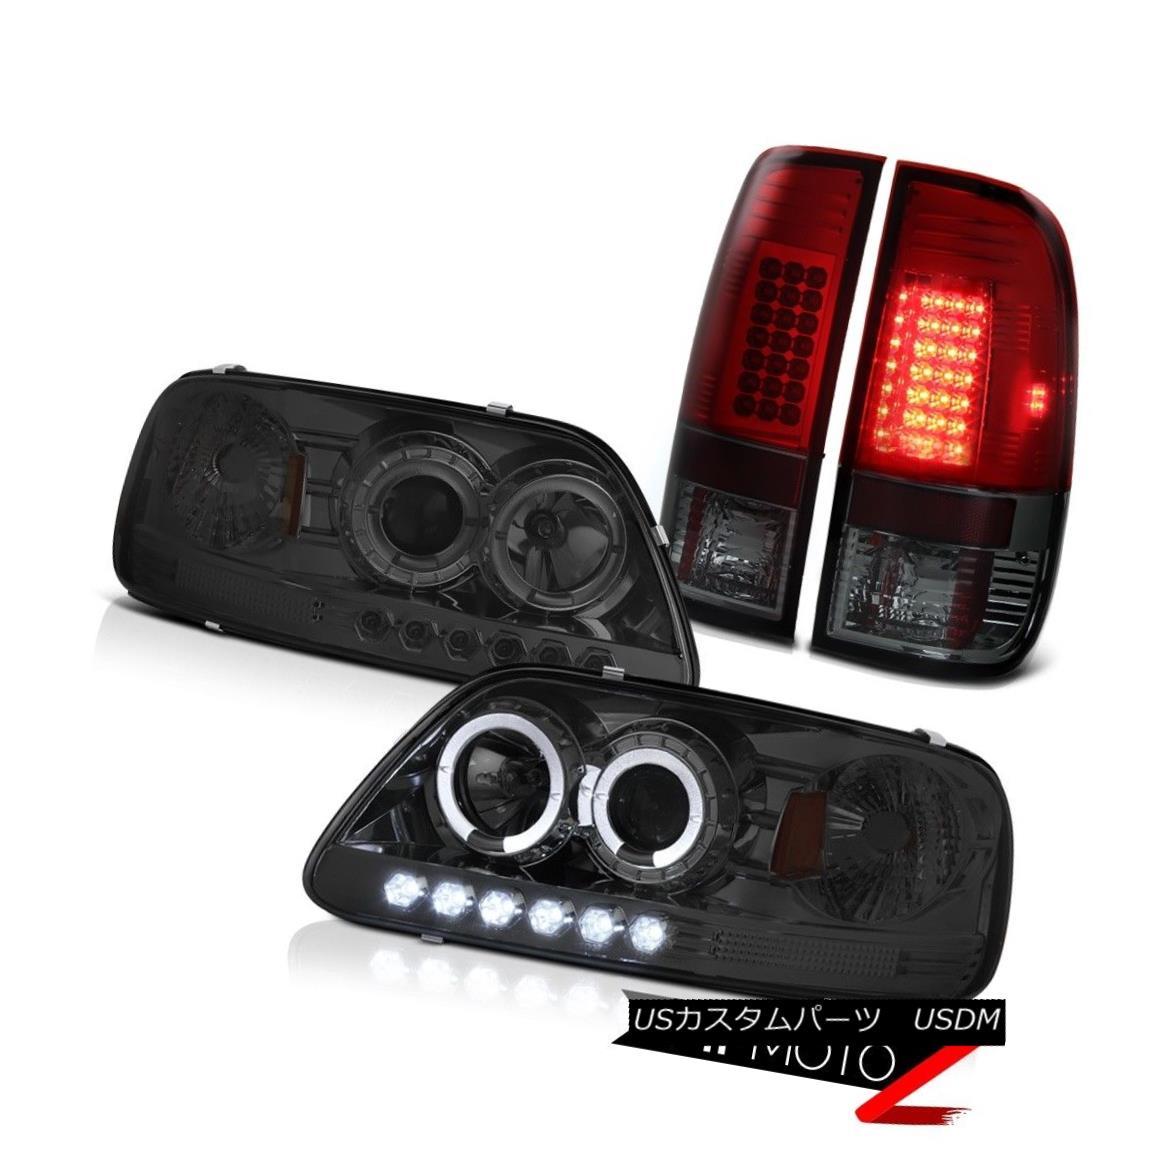 テールライト F150 King Ranch 97-03 LED Tinted Smoke Headlights Cherry Red Tail Light Lamp SET F150キングランチ97-03 LED淡色煙ヘッドライトチェリーレッドテールライトランプSET